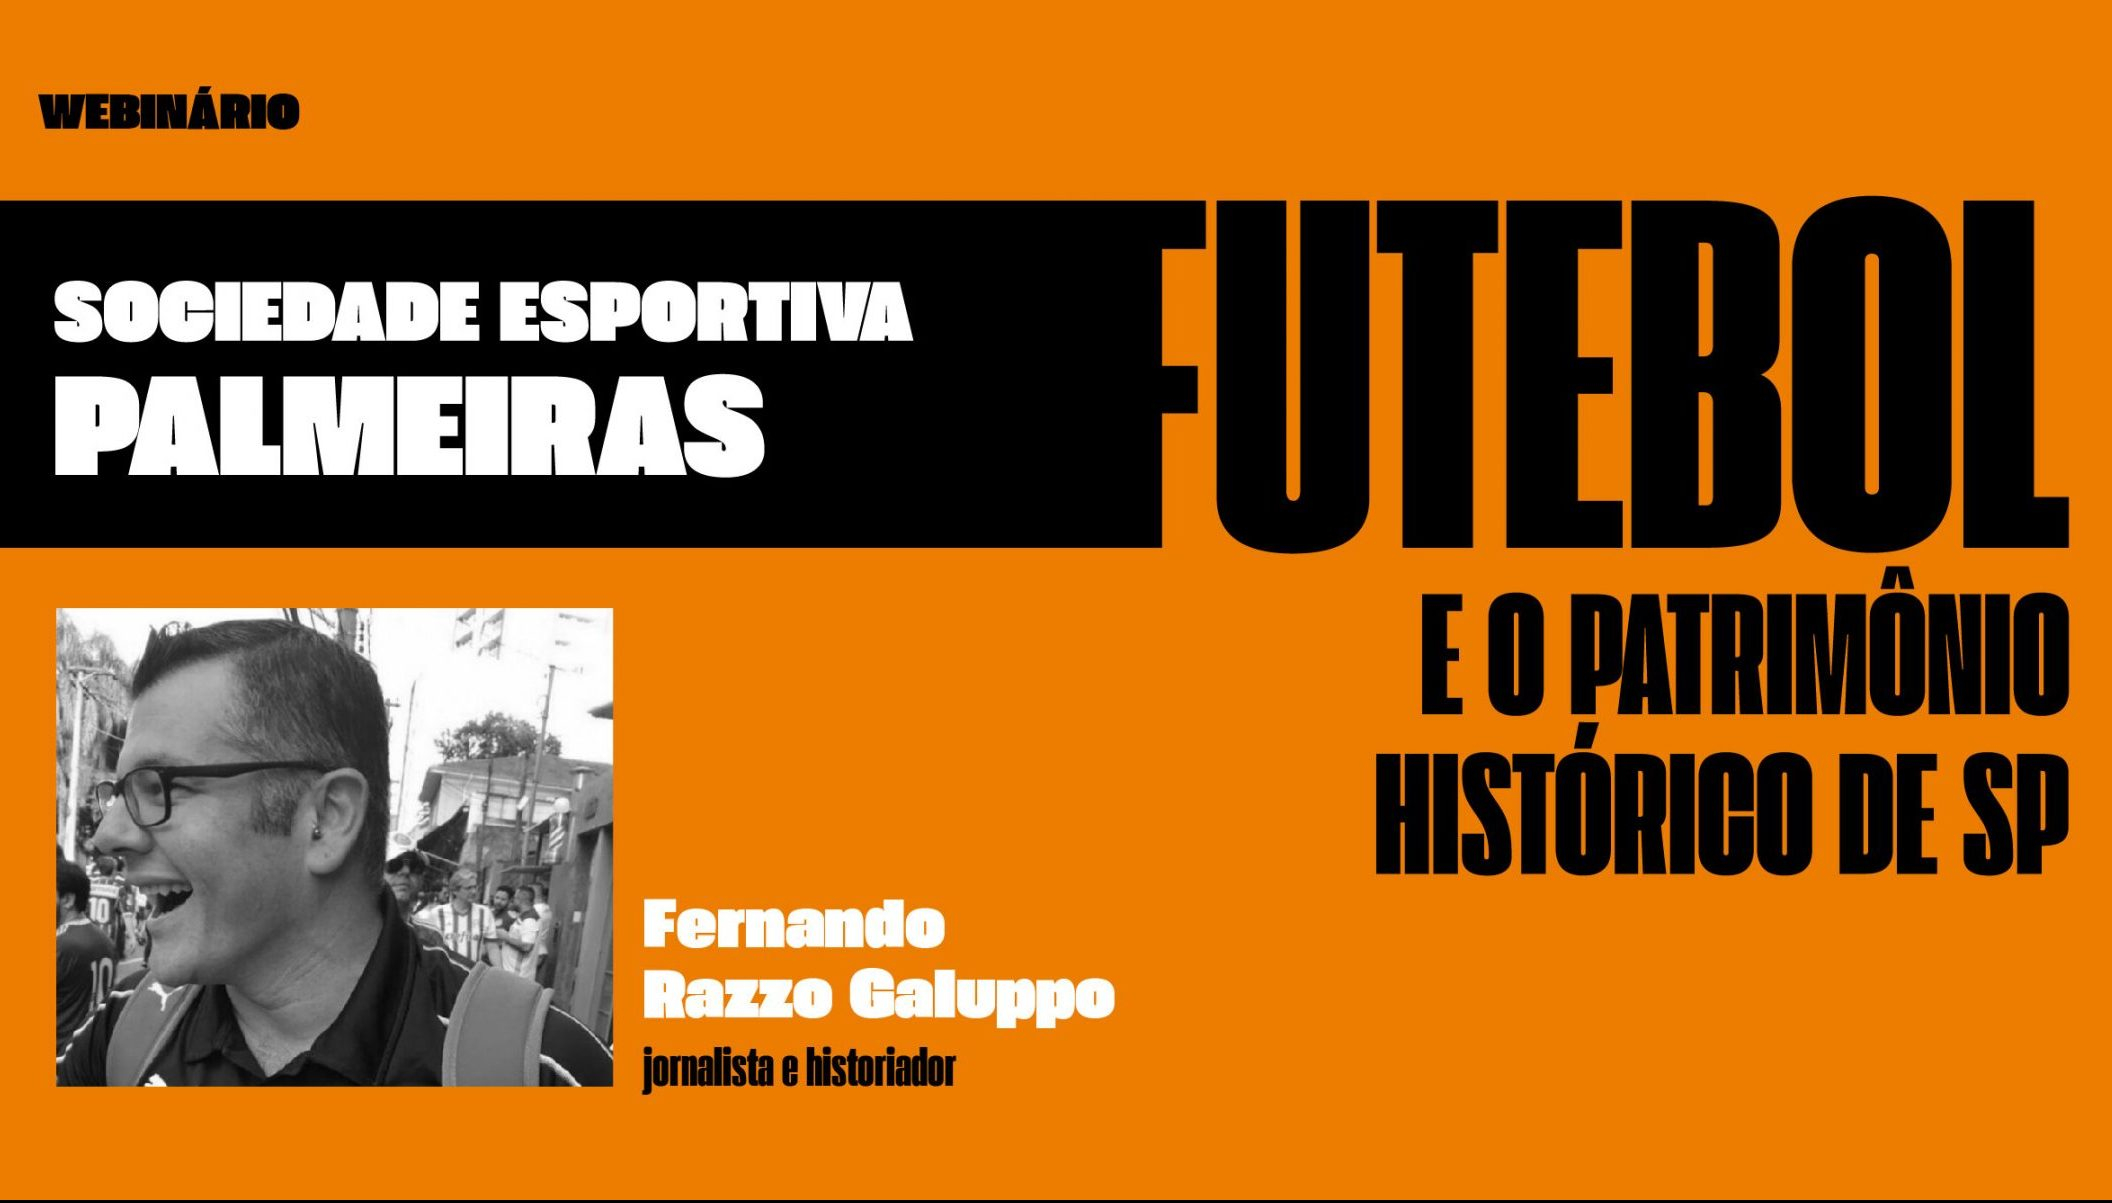 Futebol e o Patrimônio Histórico de SP. Sociedade Esportiva Palmeiras. com